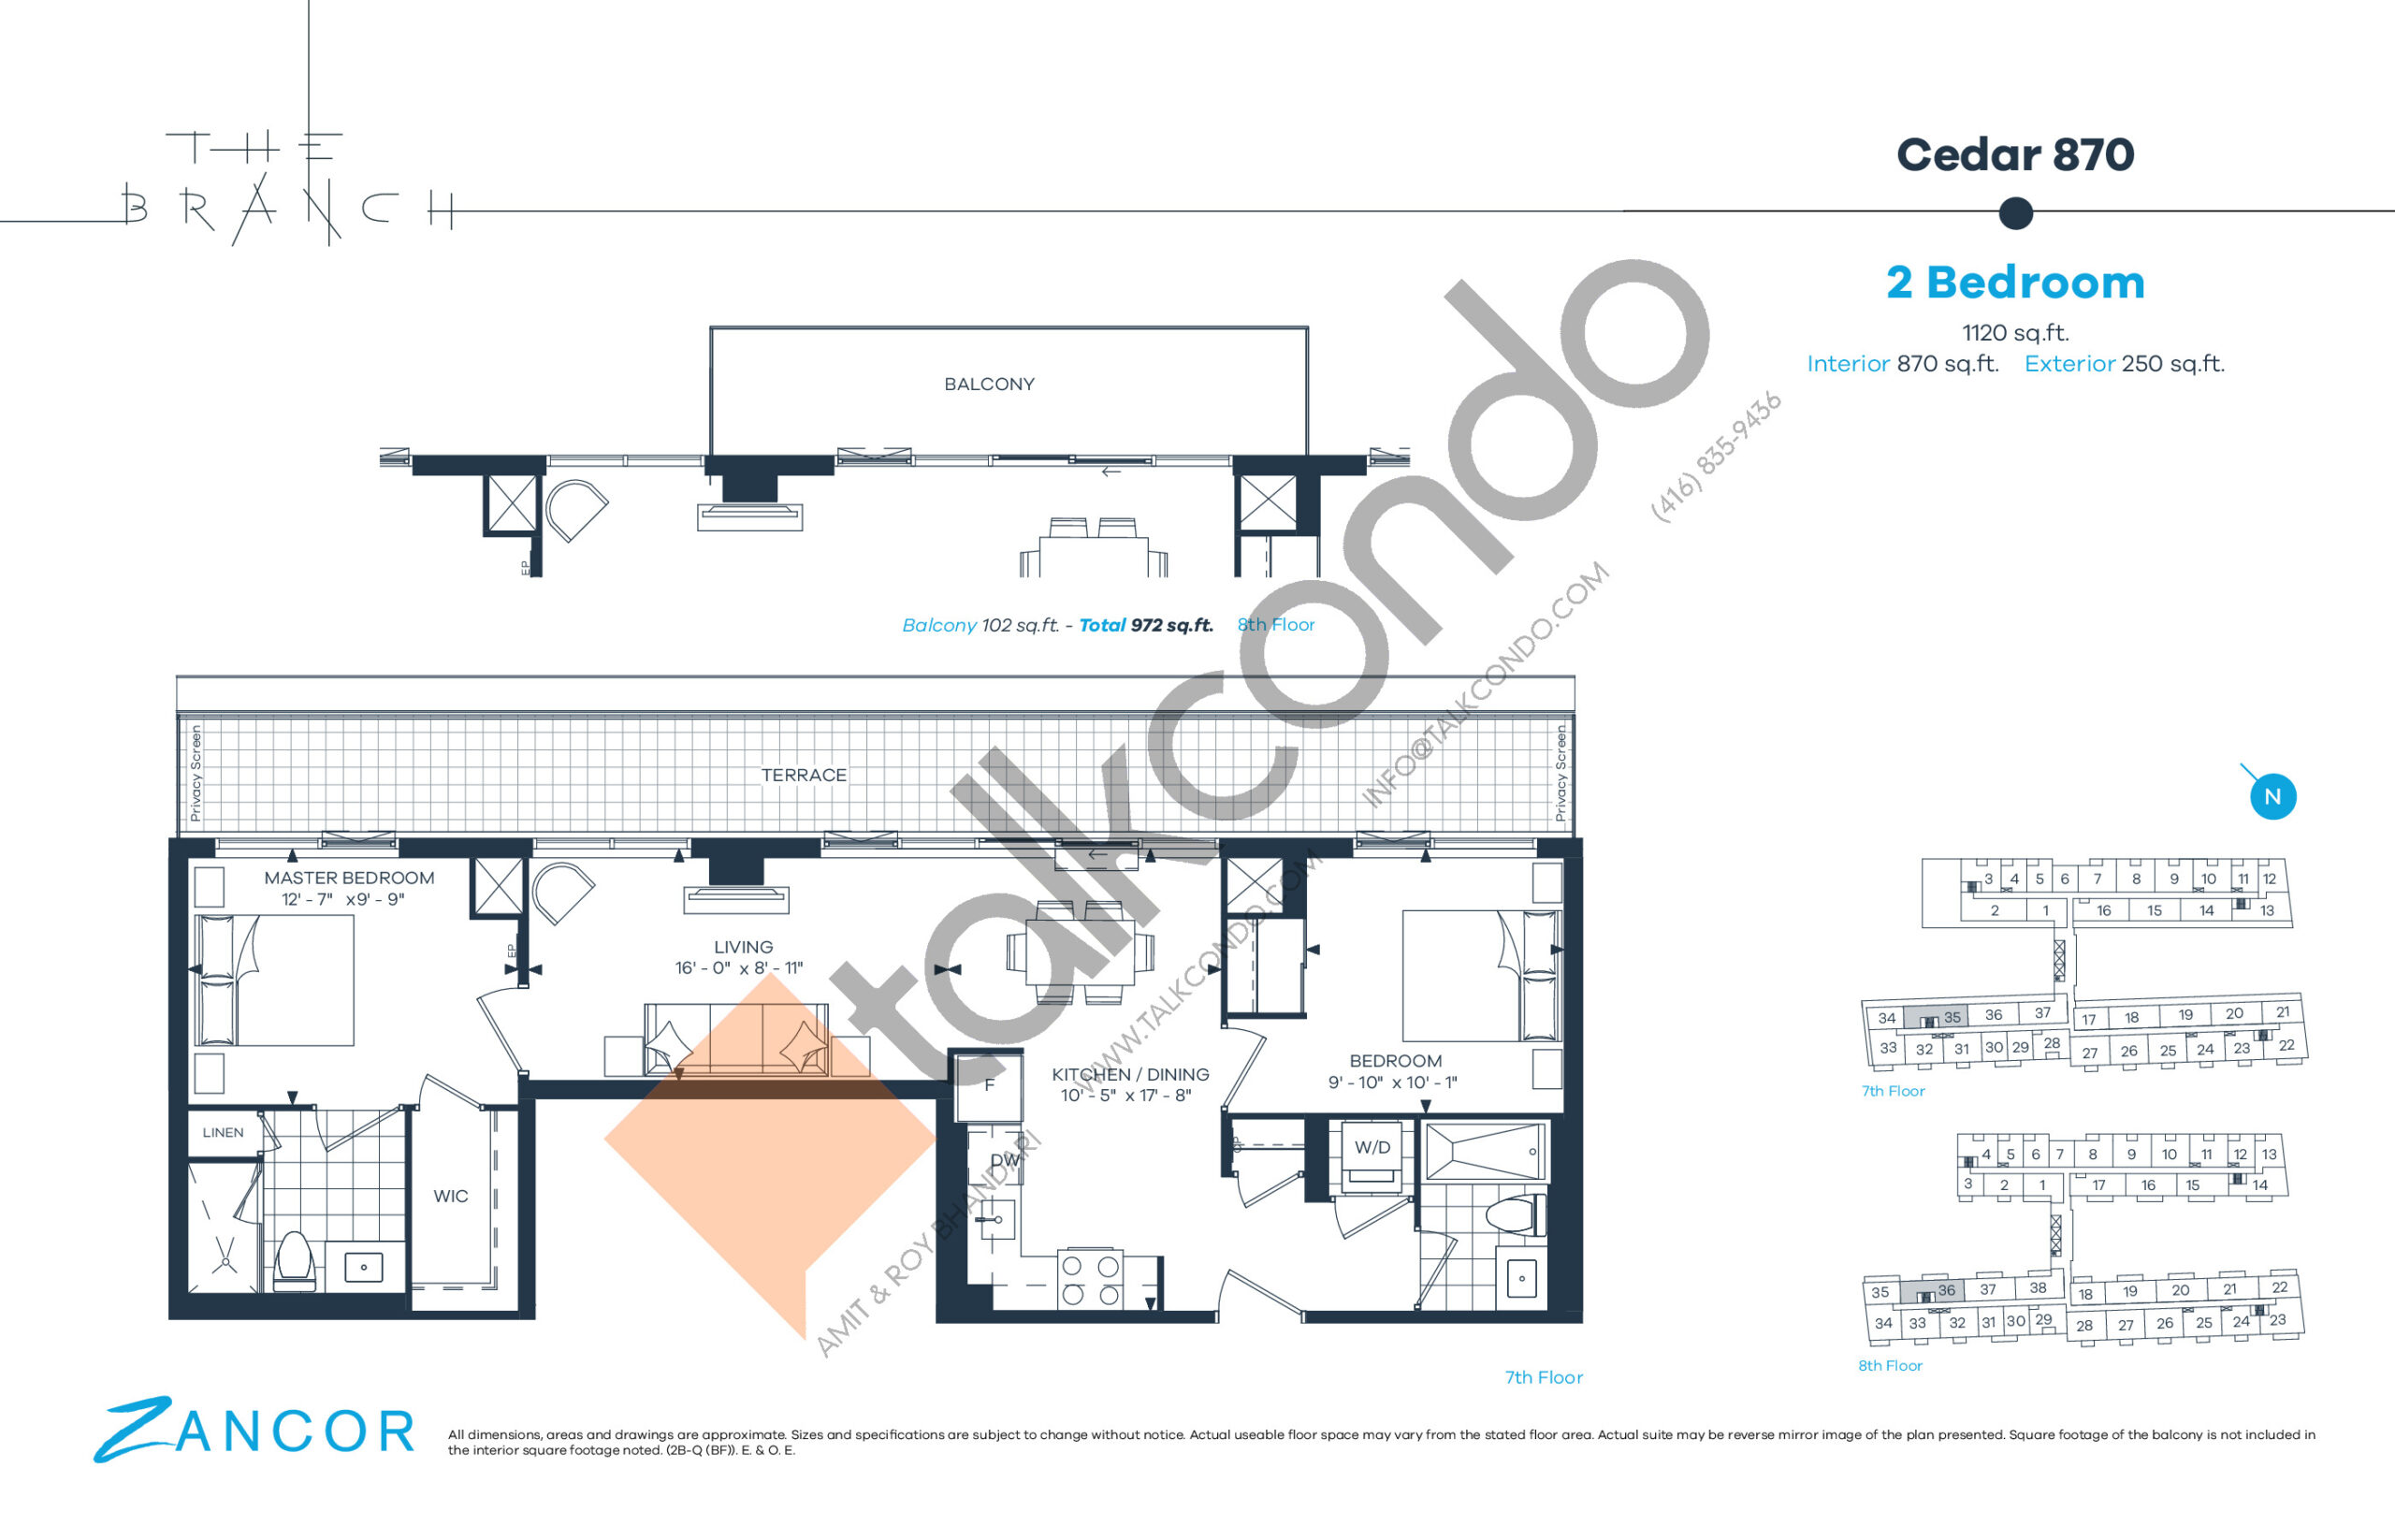 Cedar 870 Floor Plan at The Branch Condos - 870 sq.ft